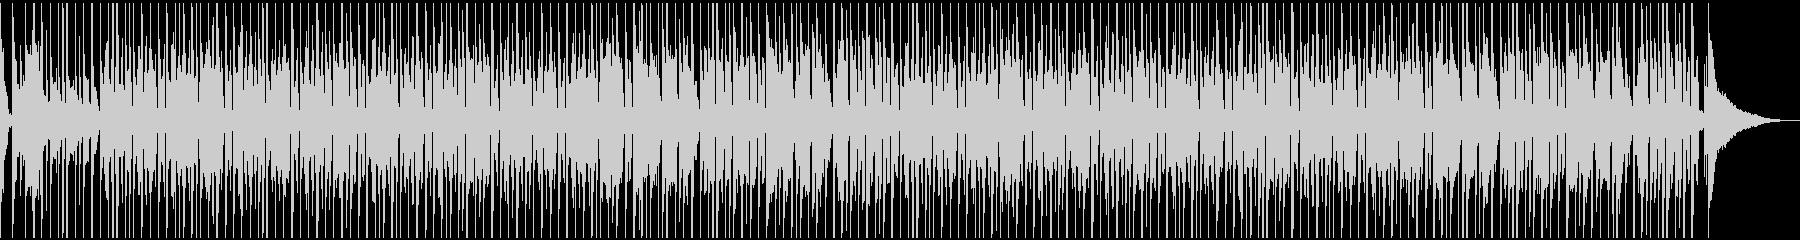 ちょっと早いverの未再生の波形